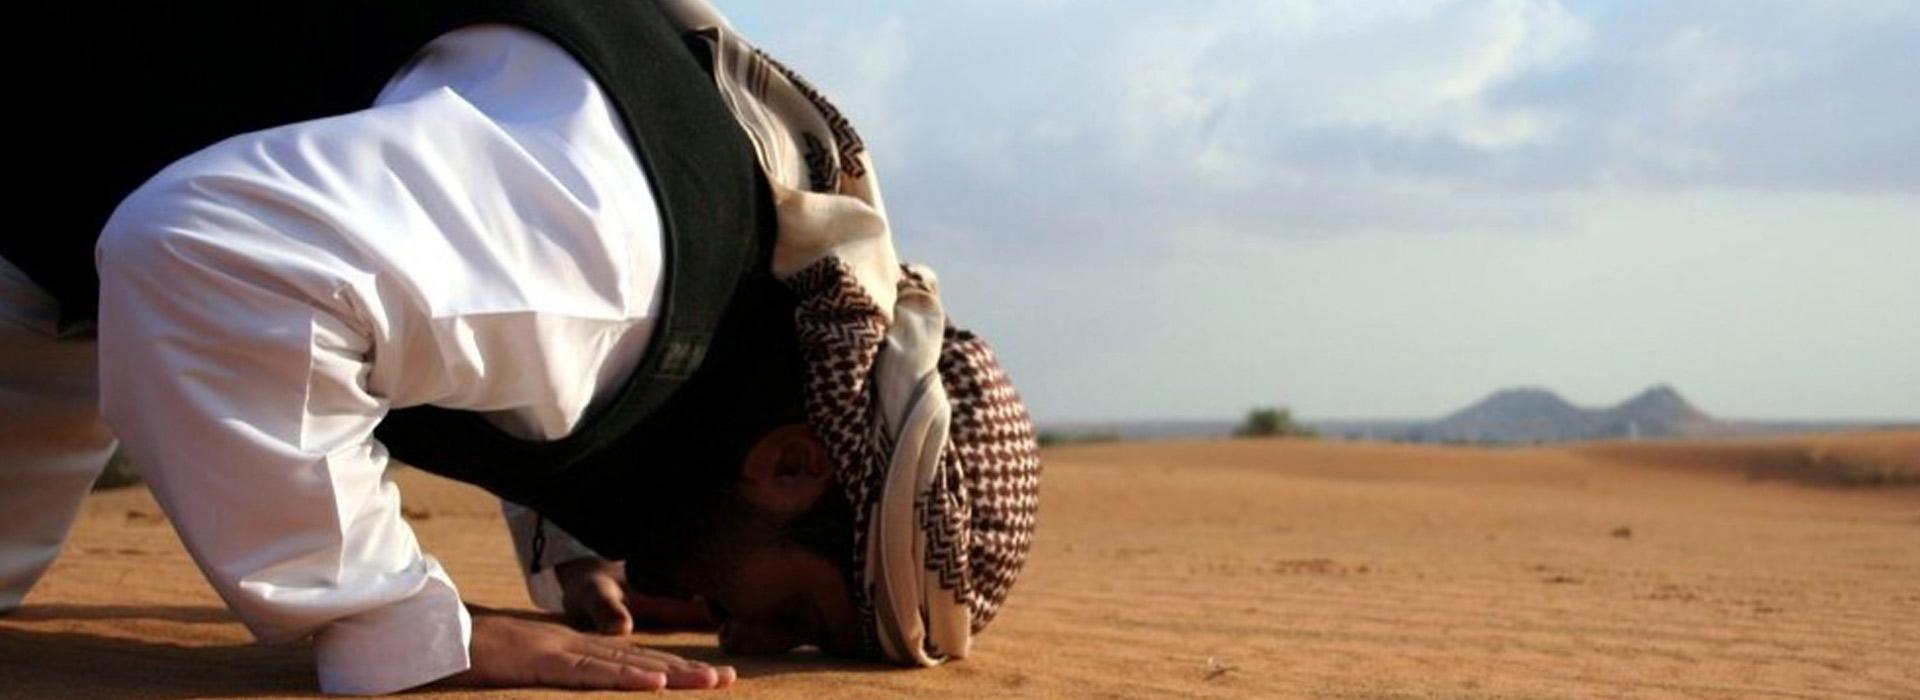 ISLAM-HOME